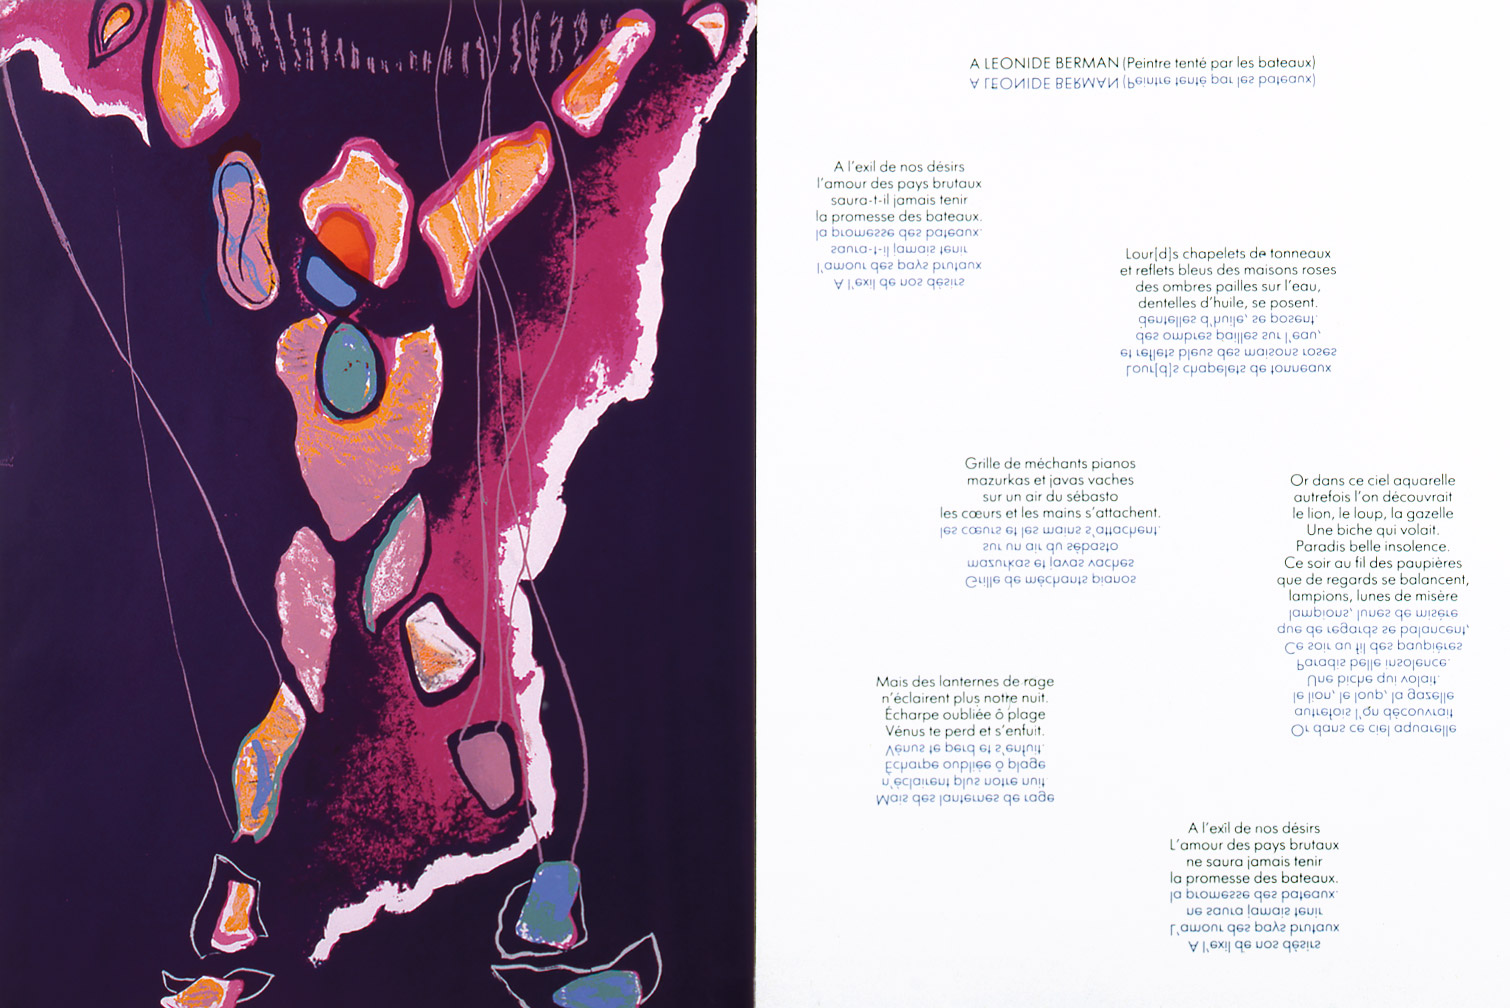 michael-caine-petropolis-crevel-11-poemes-marionette.jpg